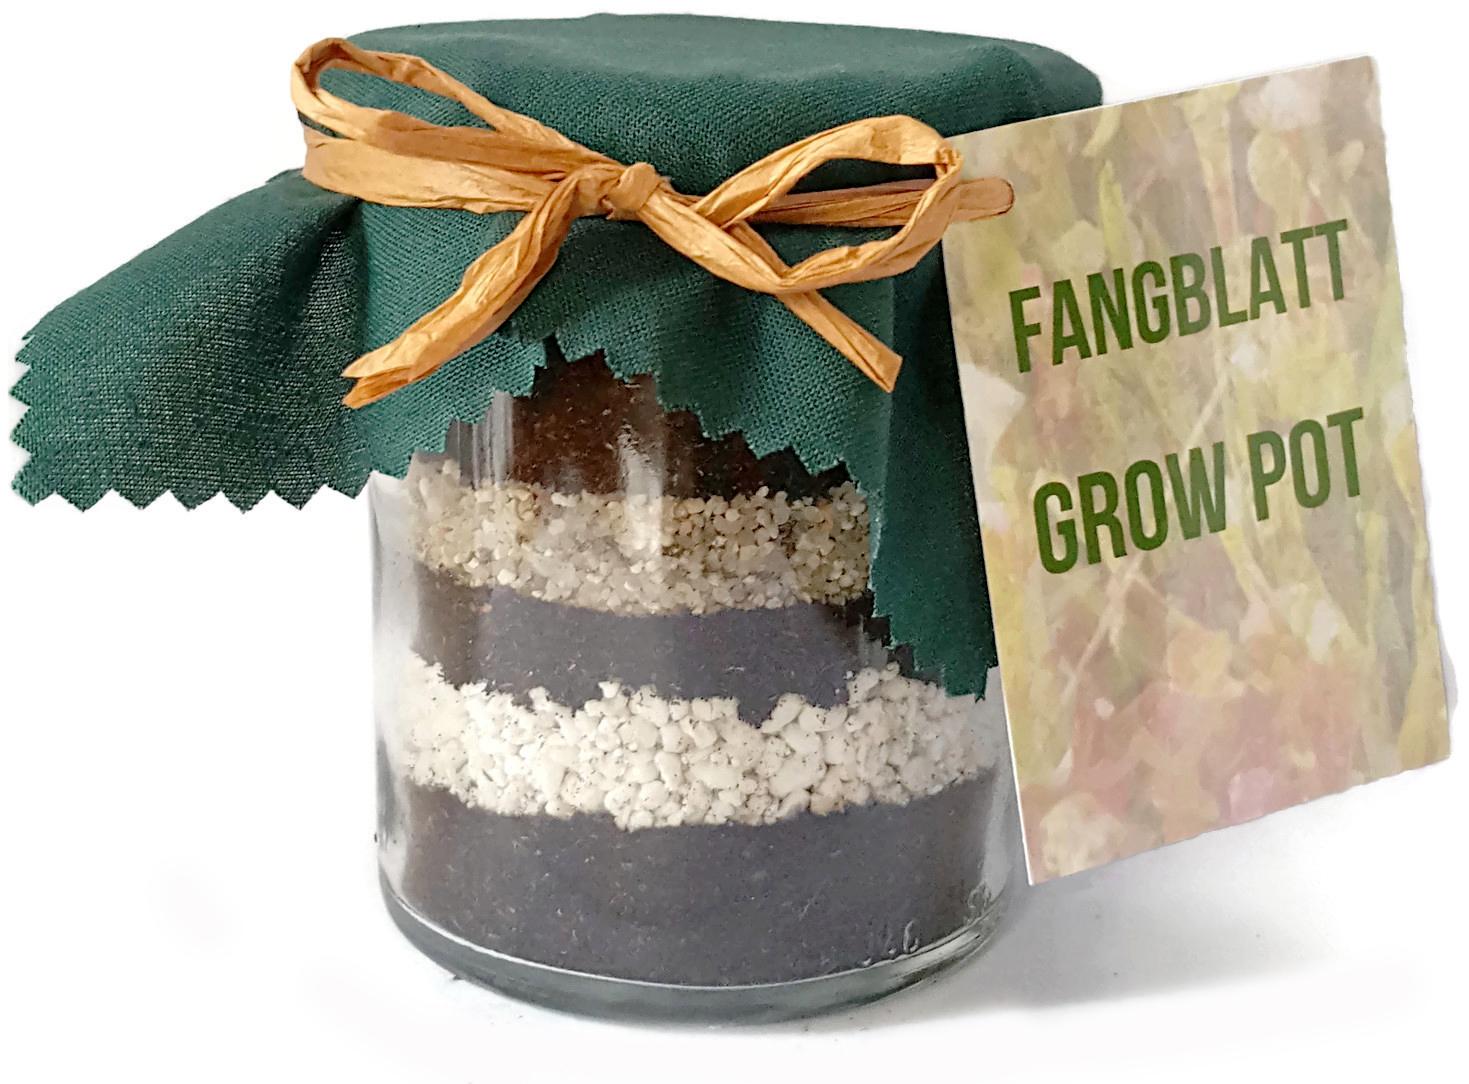 grow pot geschenkidee fangblatt karnivorenshop. Black Bedroom Furniture Sets. Home Design Ideas